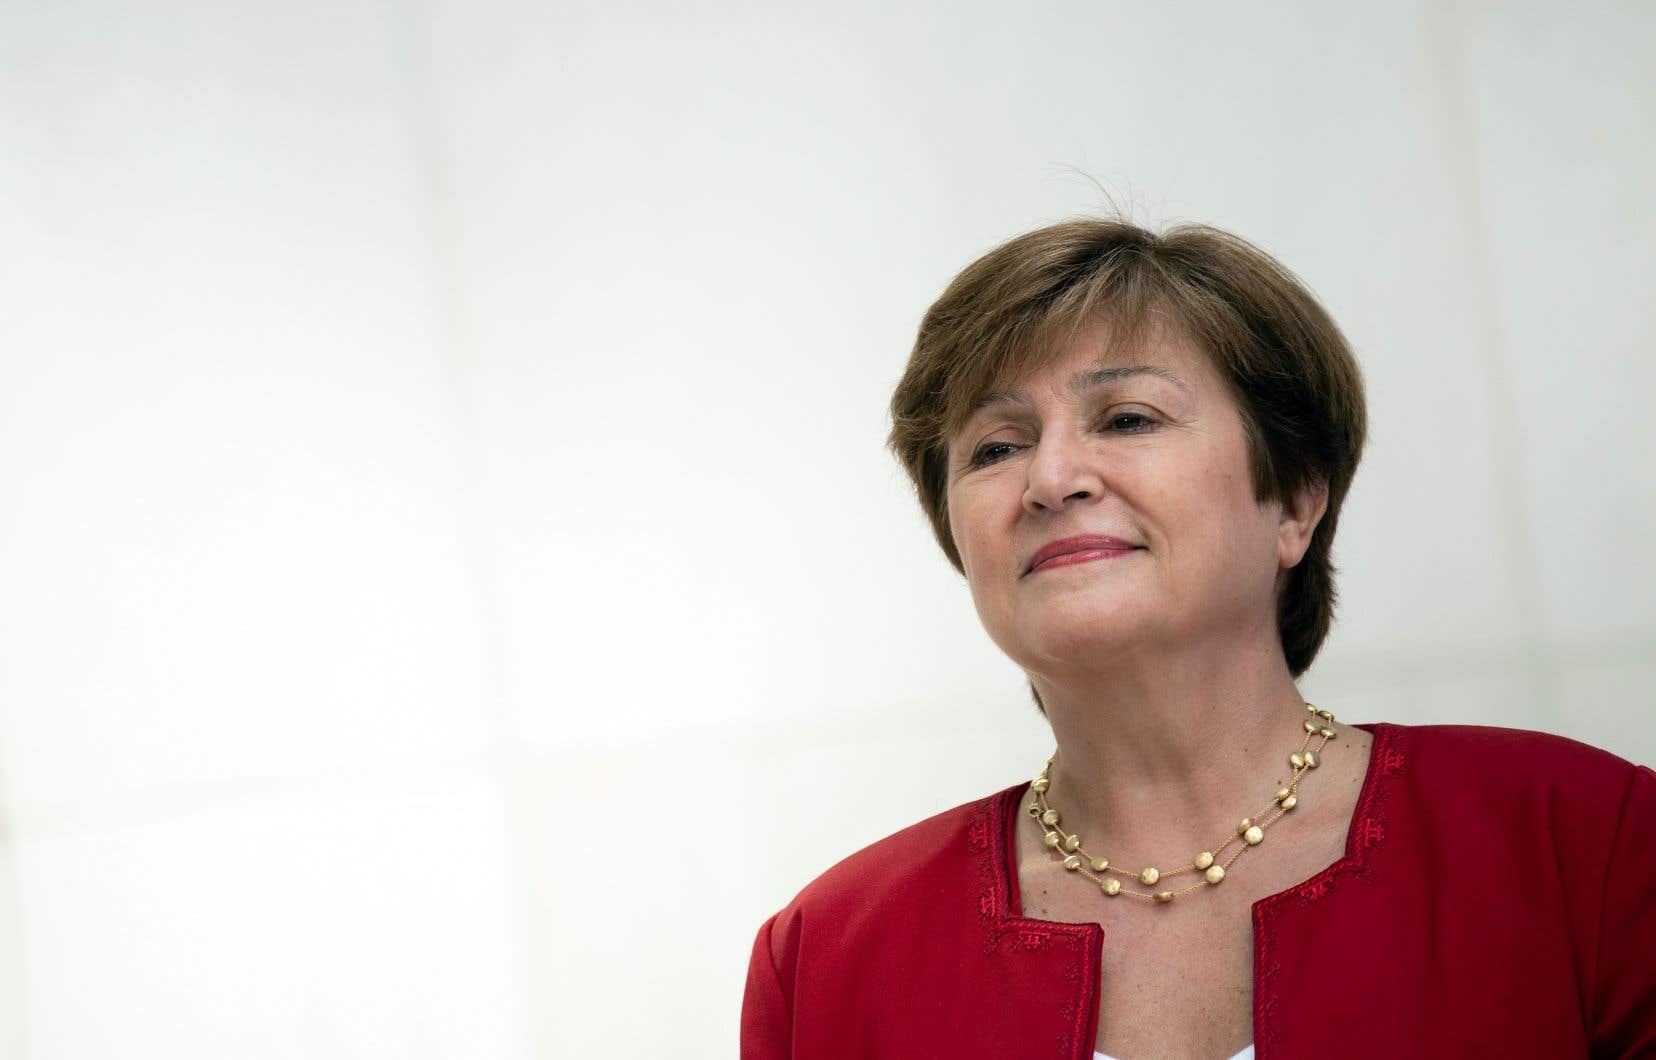 Kristalina Georgieva, qui était la directrice générale de la Banque mondiale, était la seule candidate en lice pour le poste.